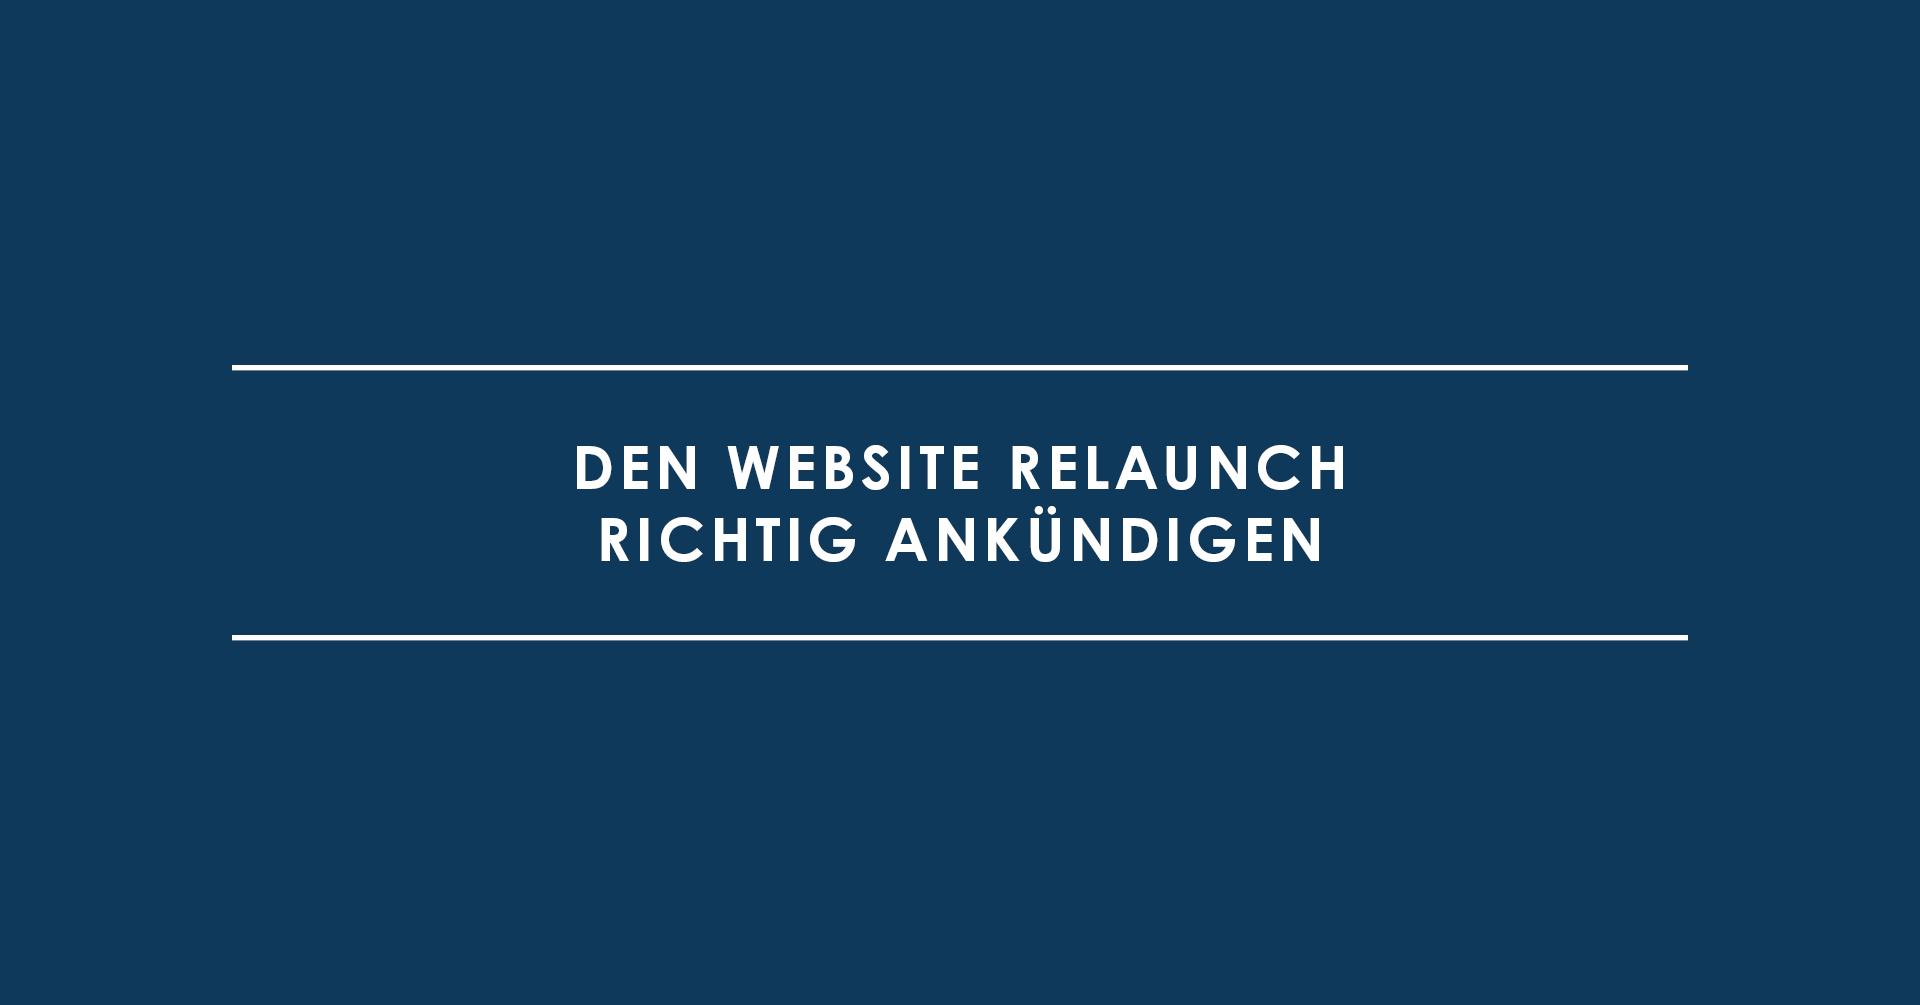 Den Website Relaunch richtig ankündigen